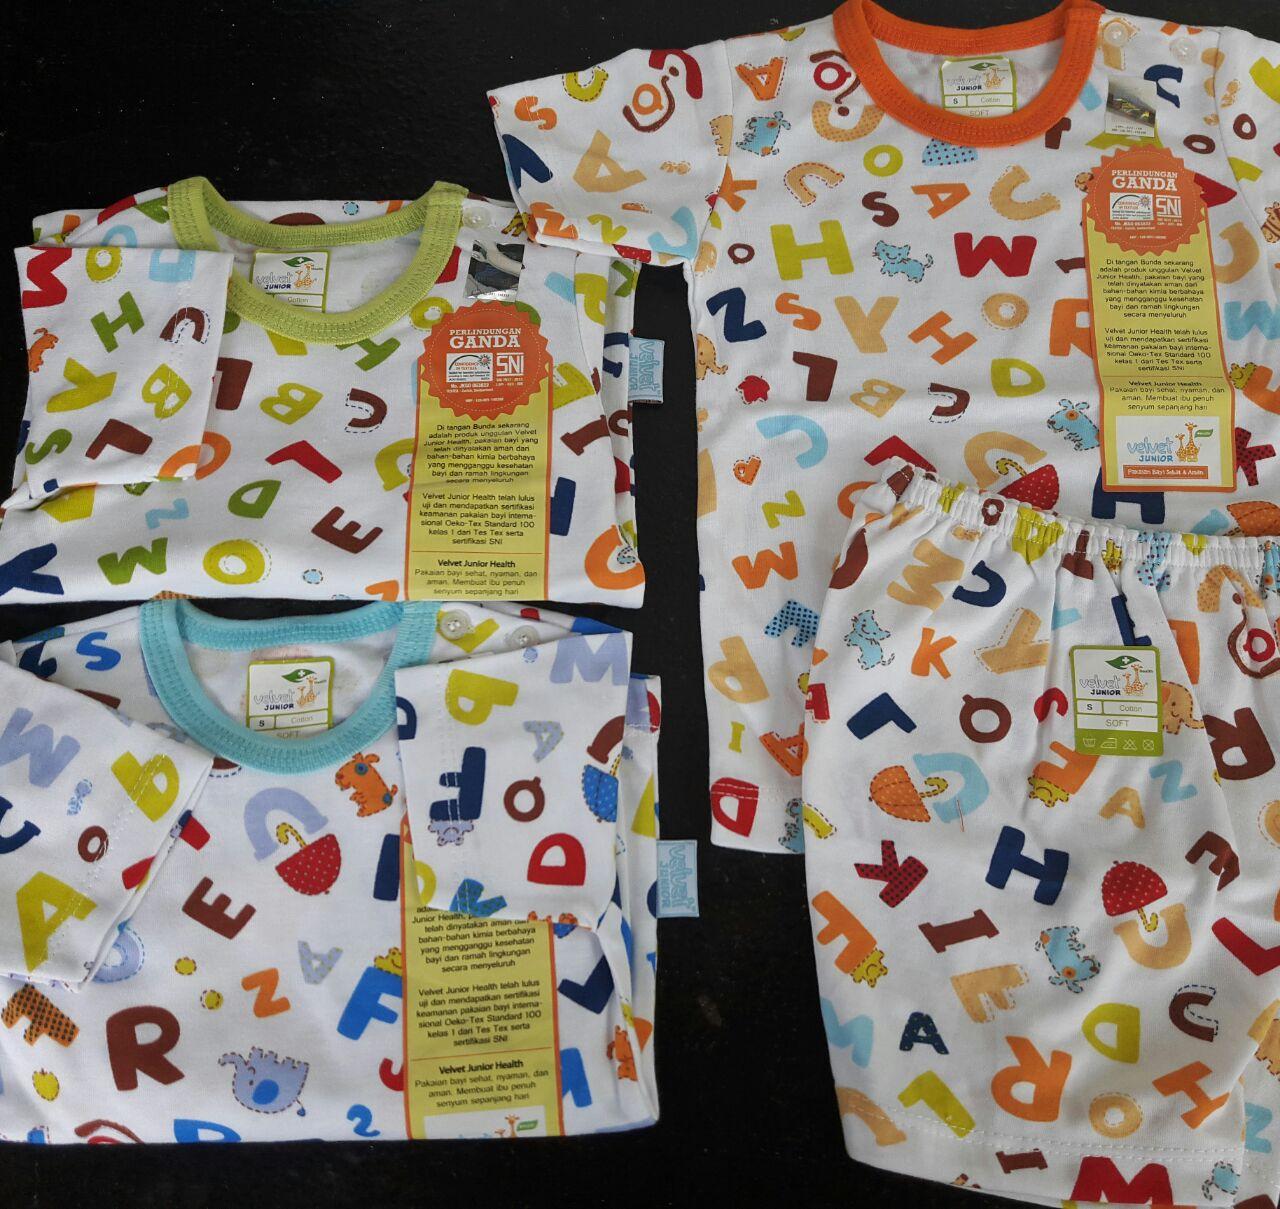 Velvet Junior Balon Udara Setelan Panjang Size S M L Xl Xxl Review Pendek Oblong Sml Animal Baju Tidur Bayi Piyama 12 24m